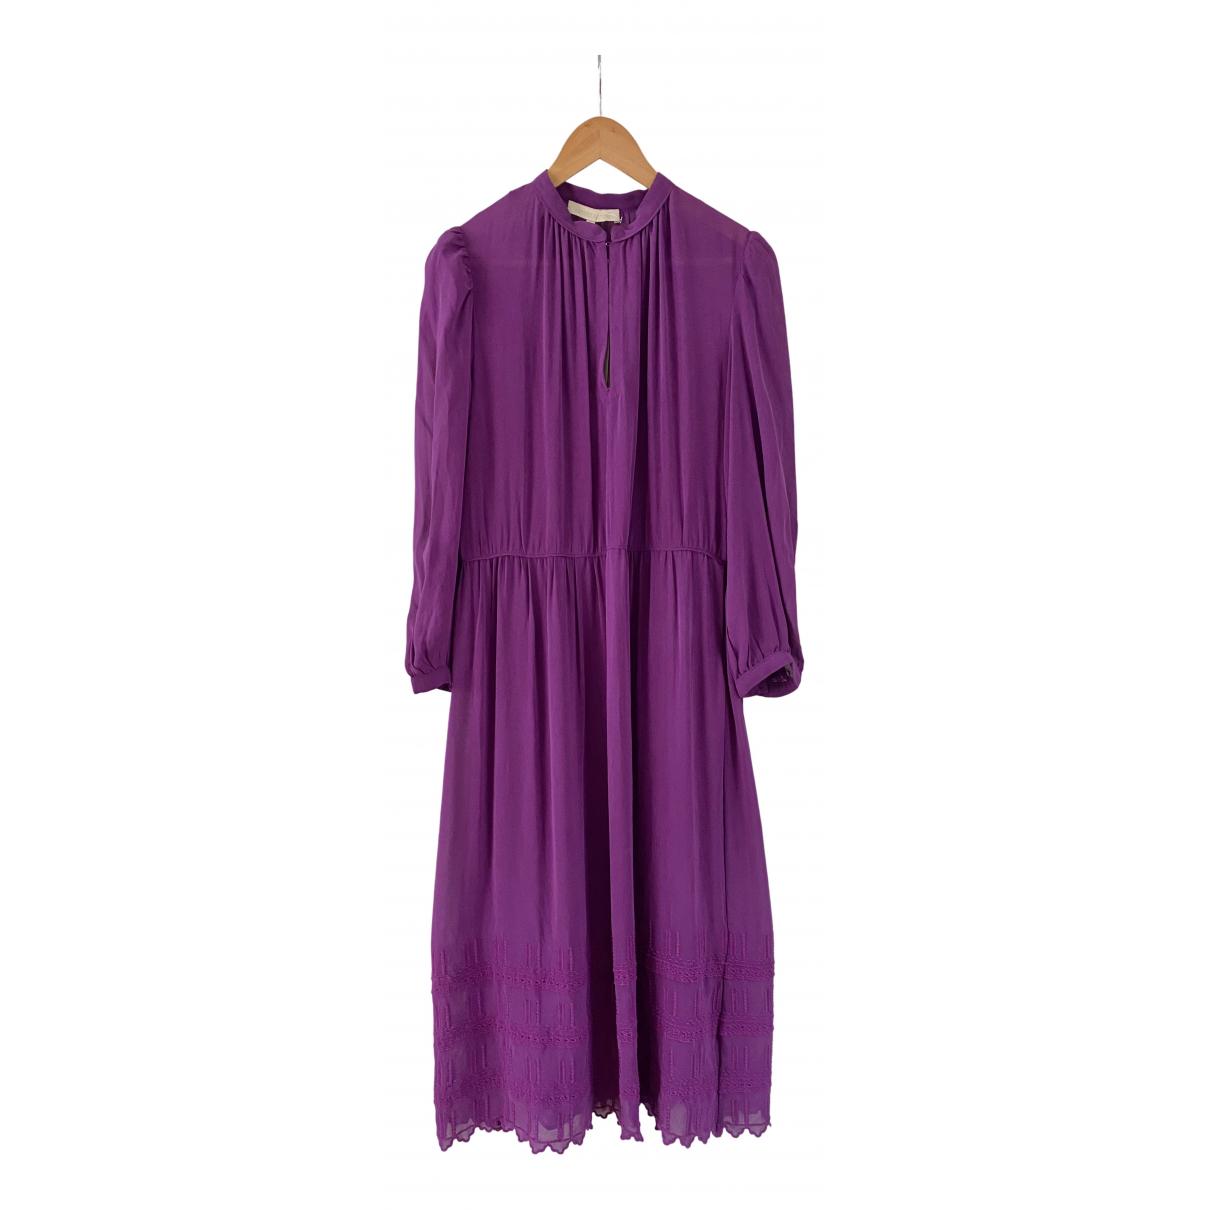 Vanessa Bruno \N Kleid in  Lila Seide